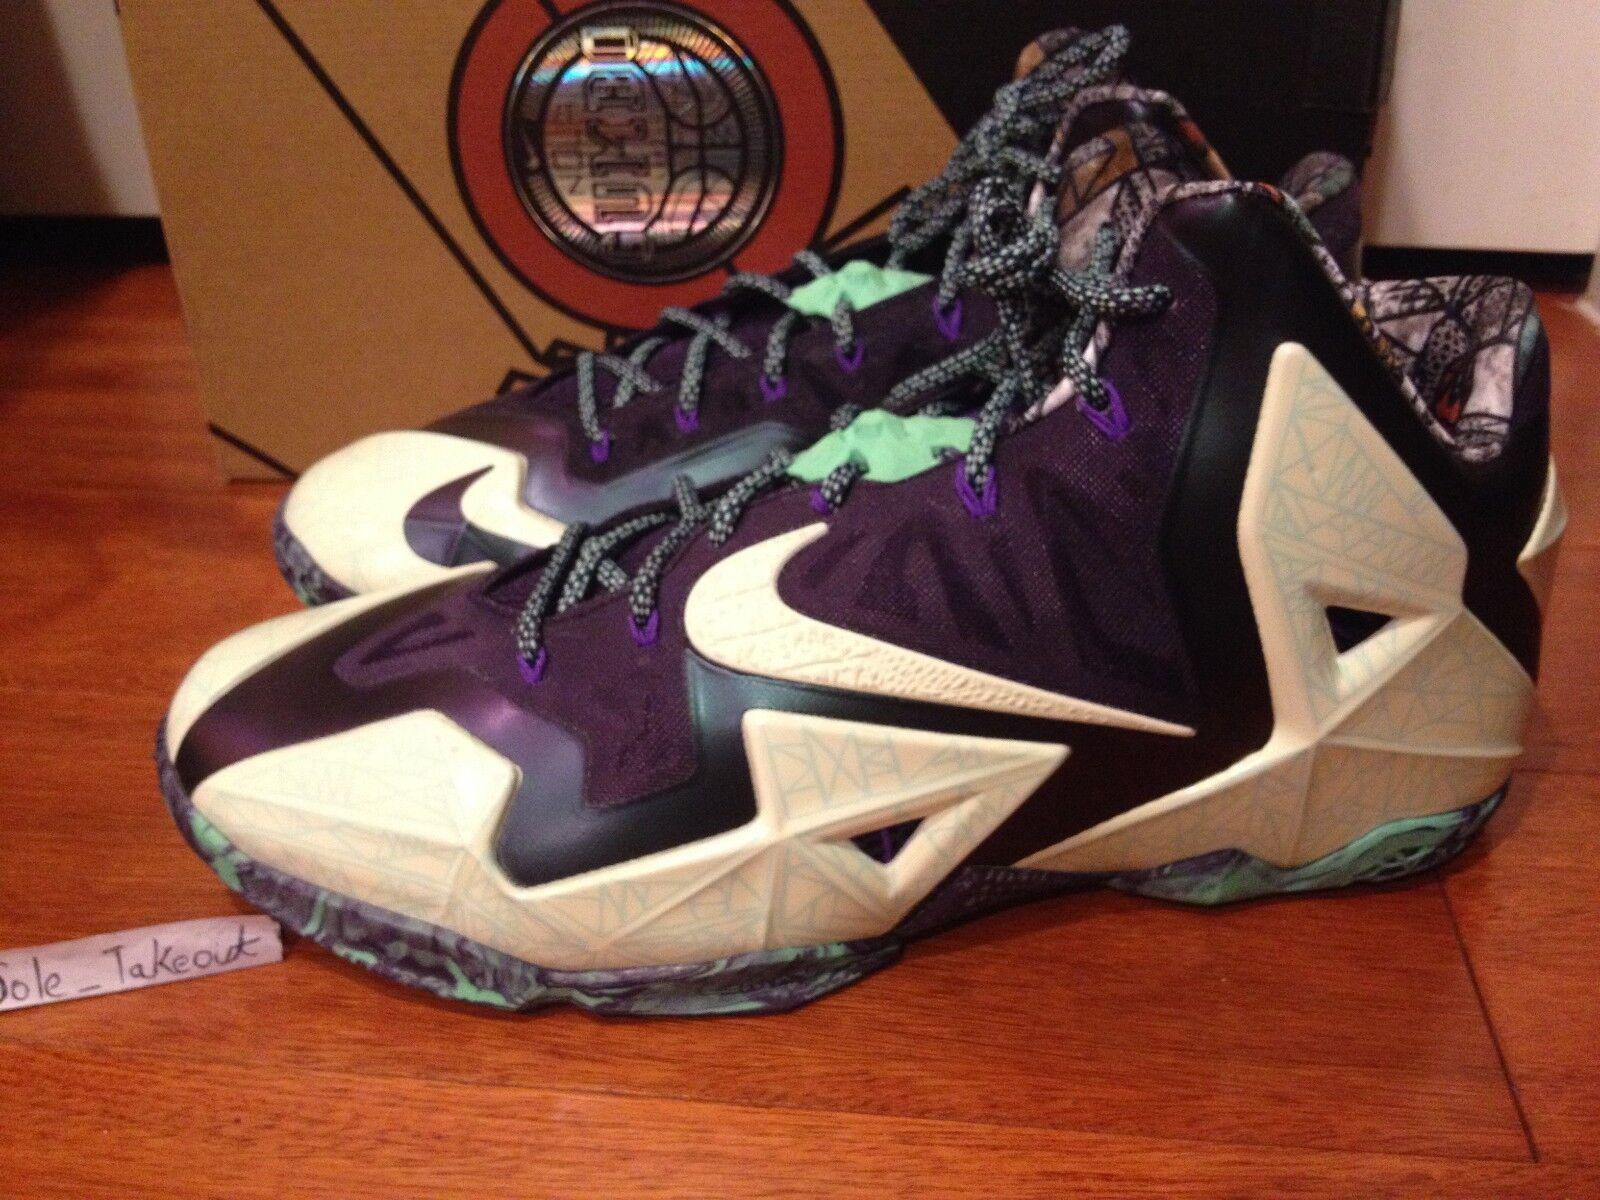 Nike LeBron XI All Star Nola ASG brillan en la la en oscuridad 647780-735 reducción de precios nuevos zapatos para hombres y mujeres, el limitado tiempo de descuento 3c00a5